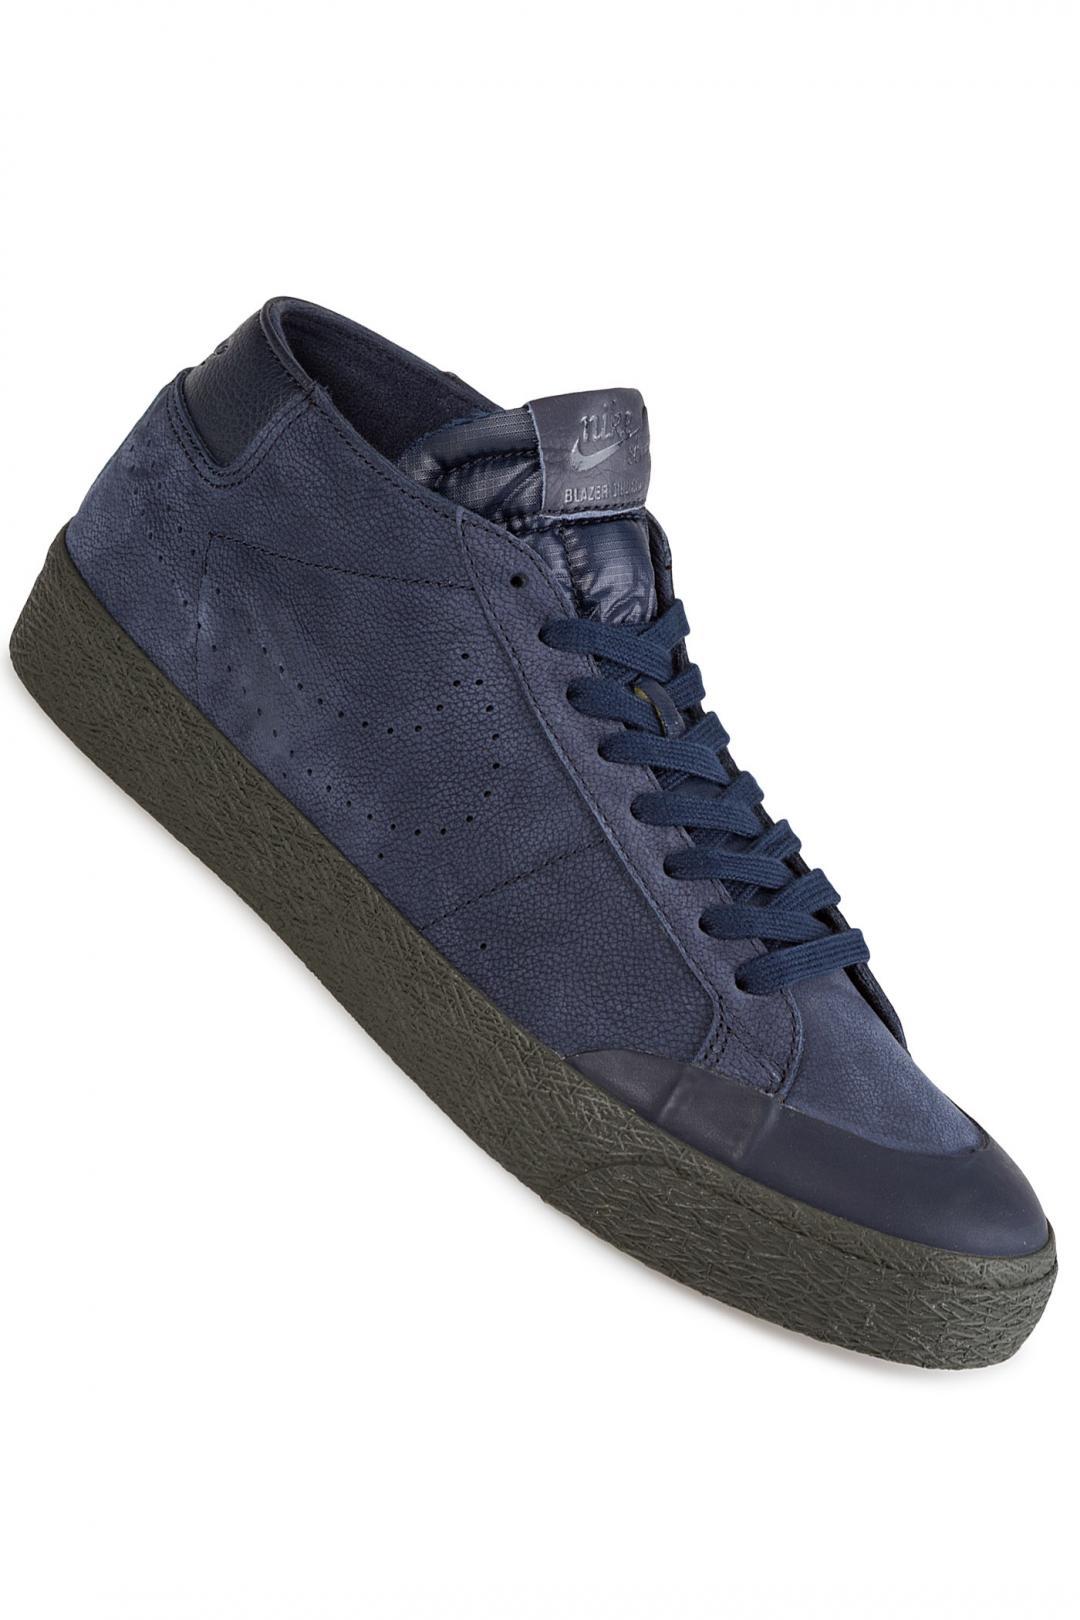 Uomo Nike SB Zoom Blazer Chukka XT Premium obsidian | Sneakers mid top